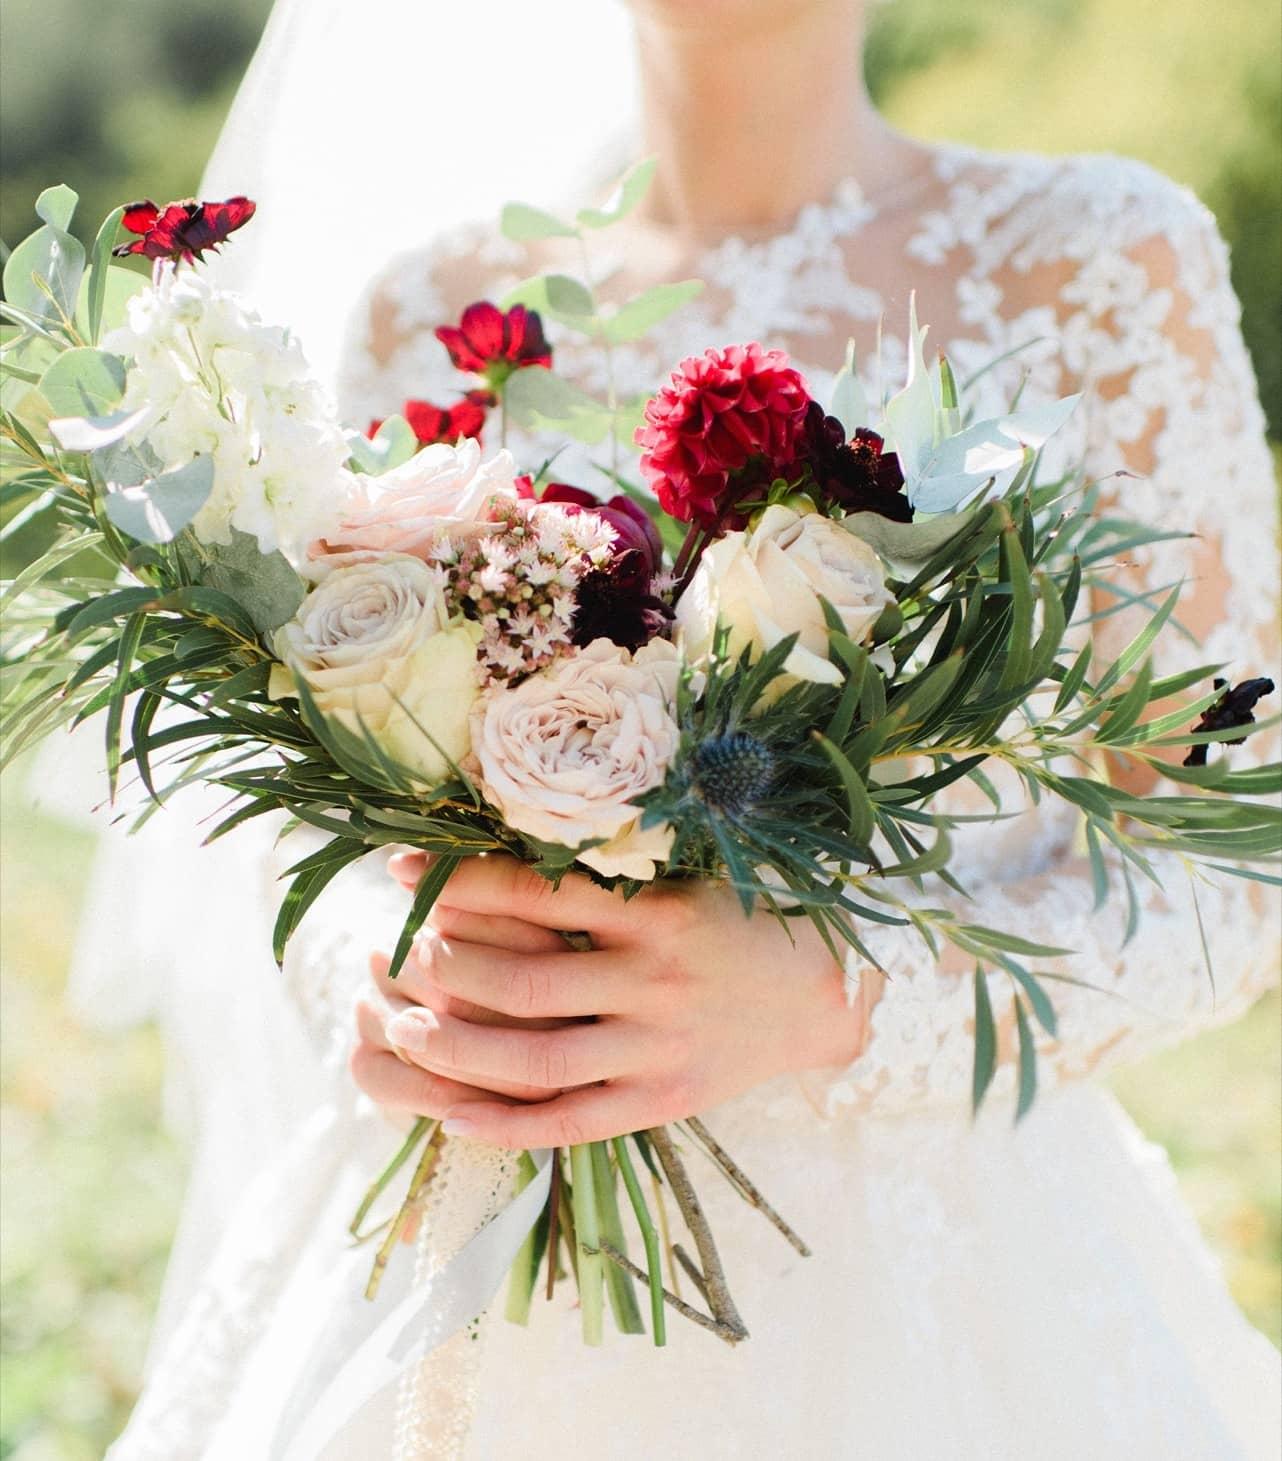 Nevesta drží svadobnú kyticu s ružovými ružami, bordovými dáliami a zeleňou.